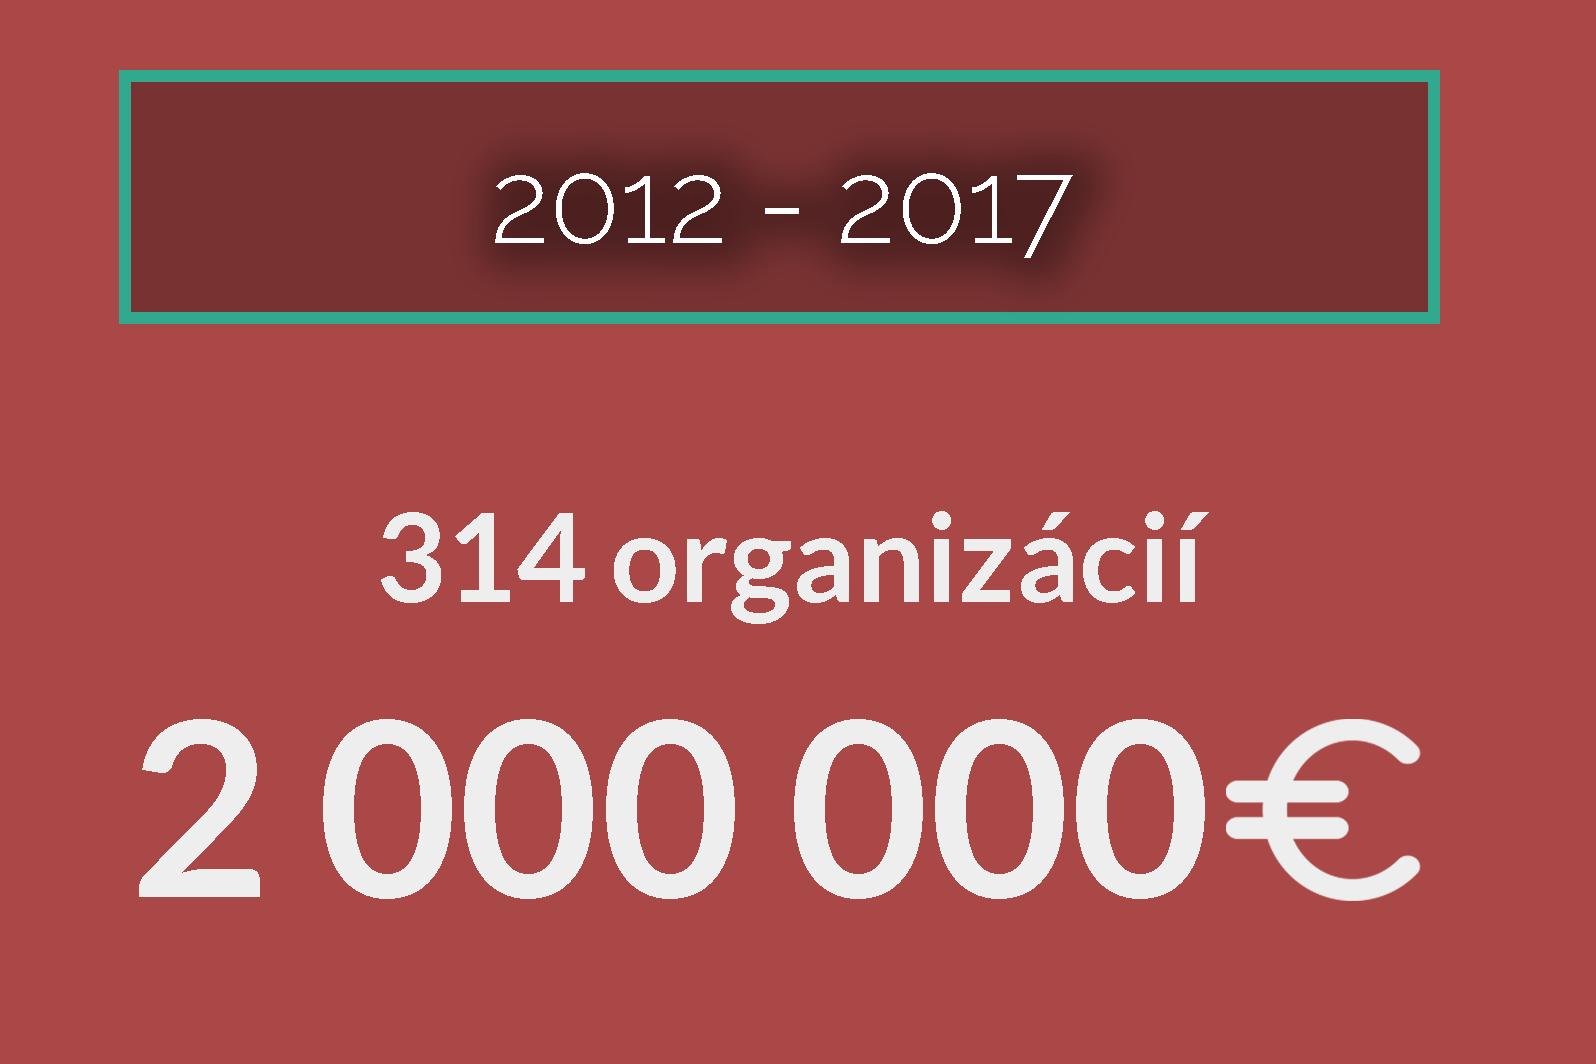 Darujme.sk prekonalo hranicu 2 000 000